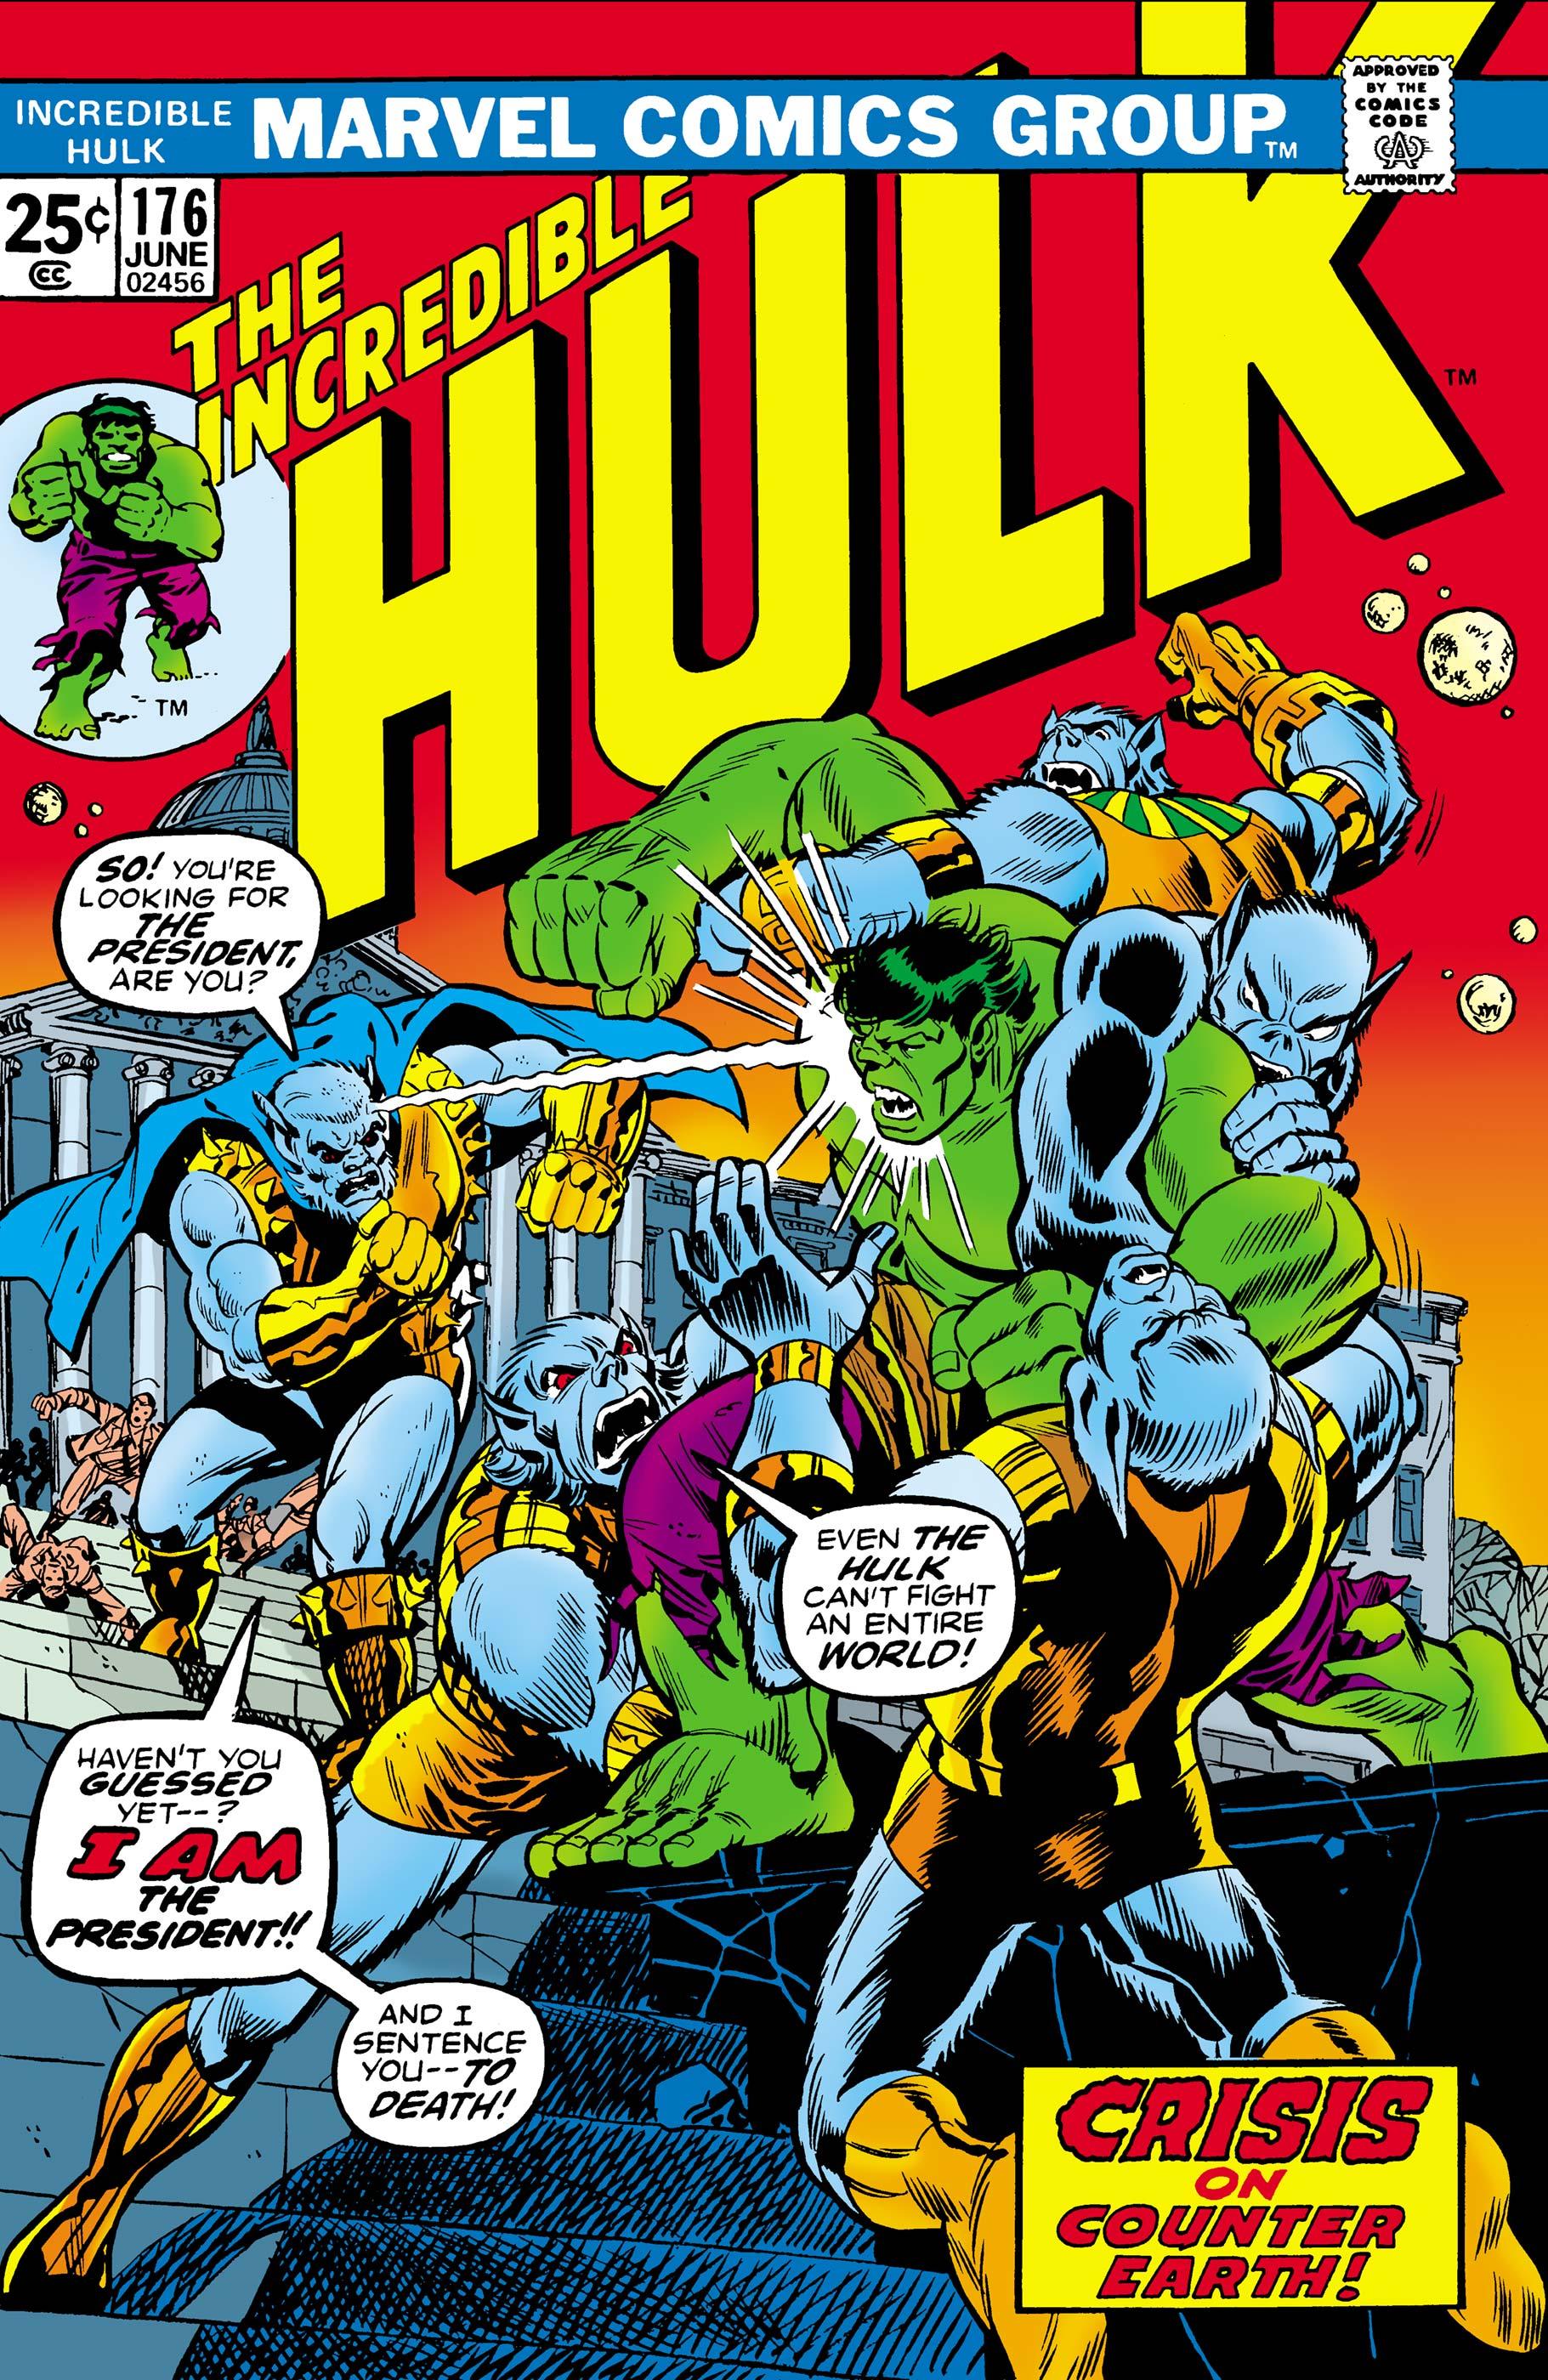 Incredible Hulk Vol 1 176